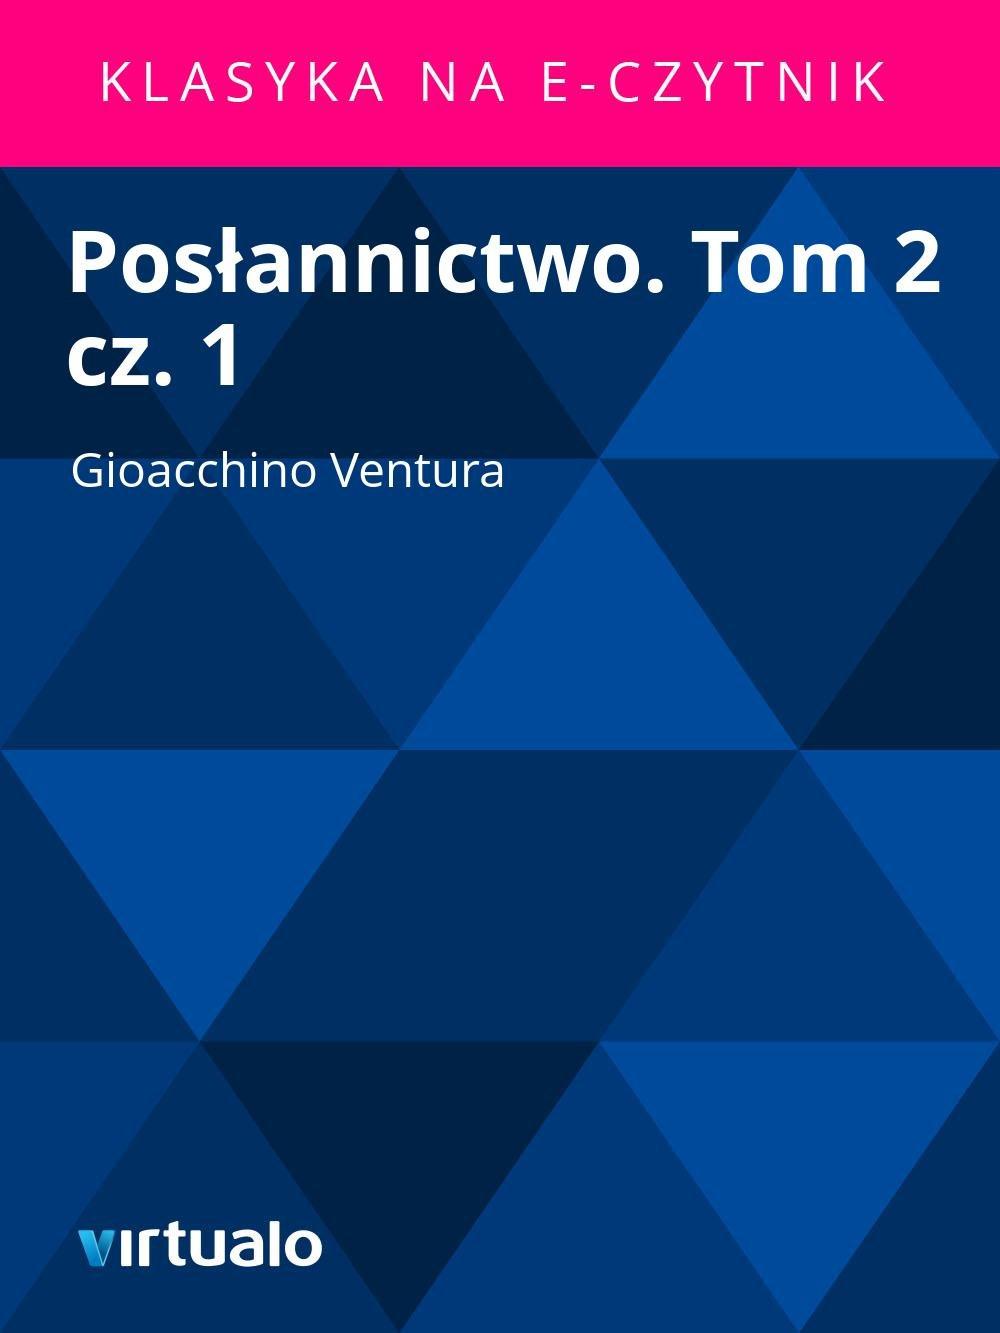 Posłannictwo. Tom 2 cz. 1 - Ebook (Książka EPUB) do pobrania w formacie EPUB